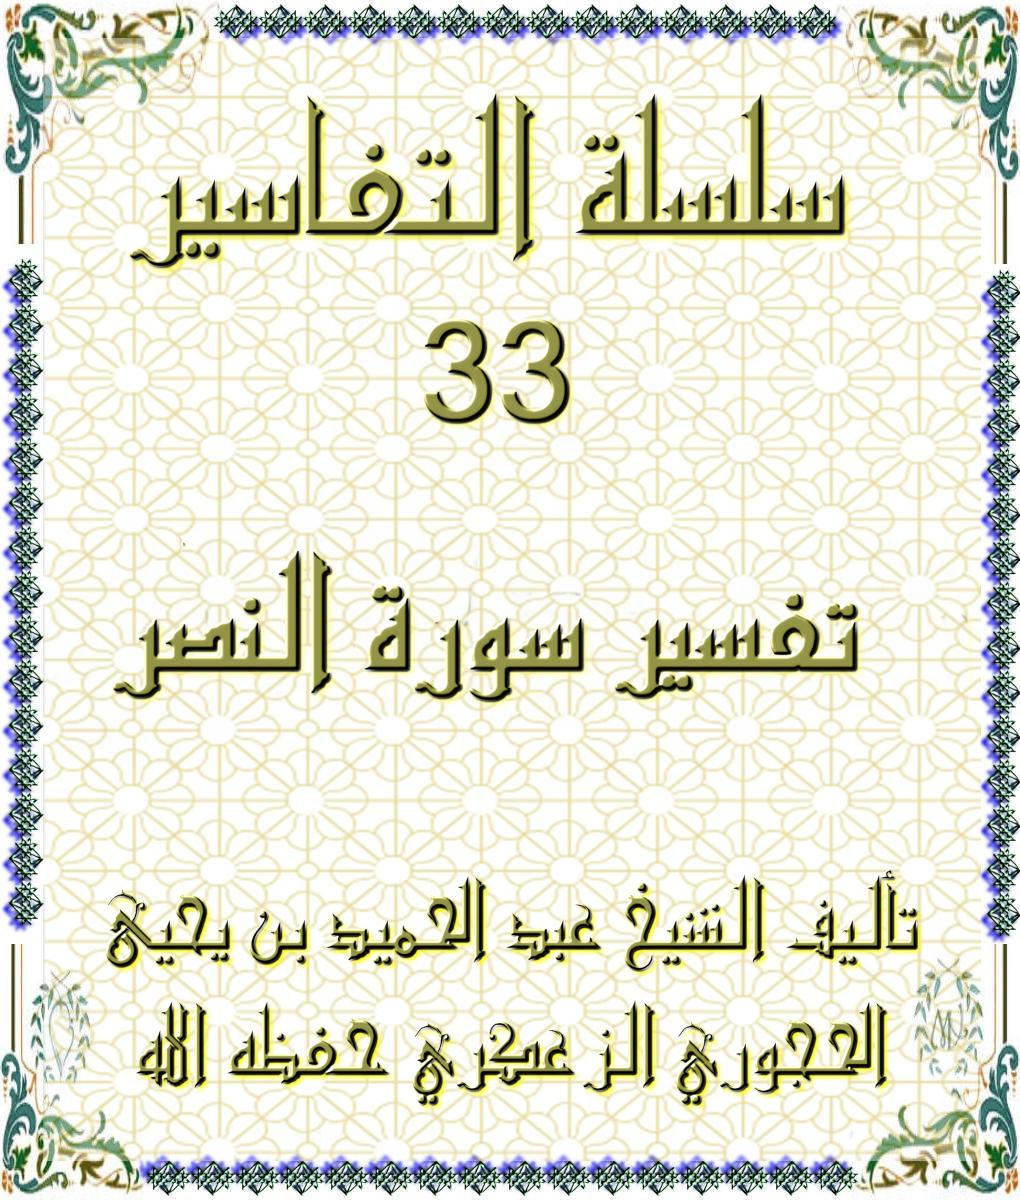 سلسلة التفاسير 33 تفسير سورة النصر